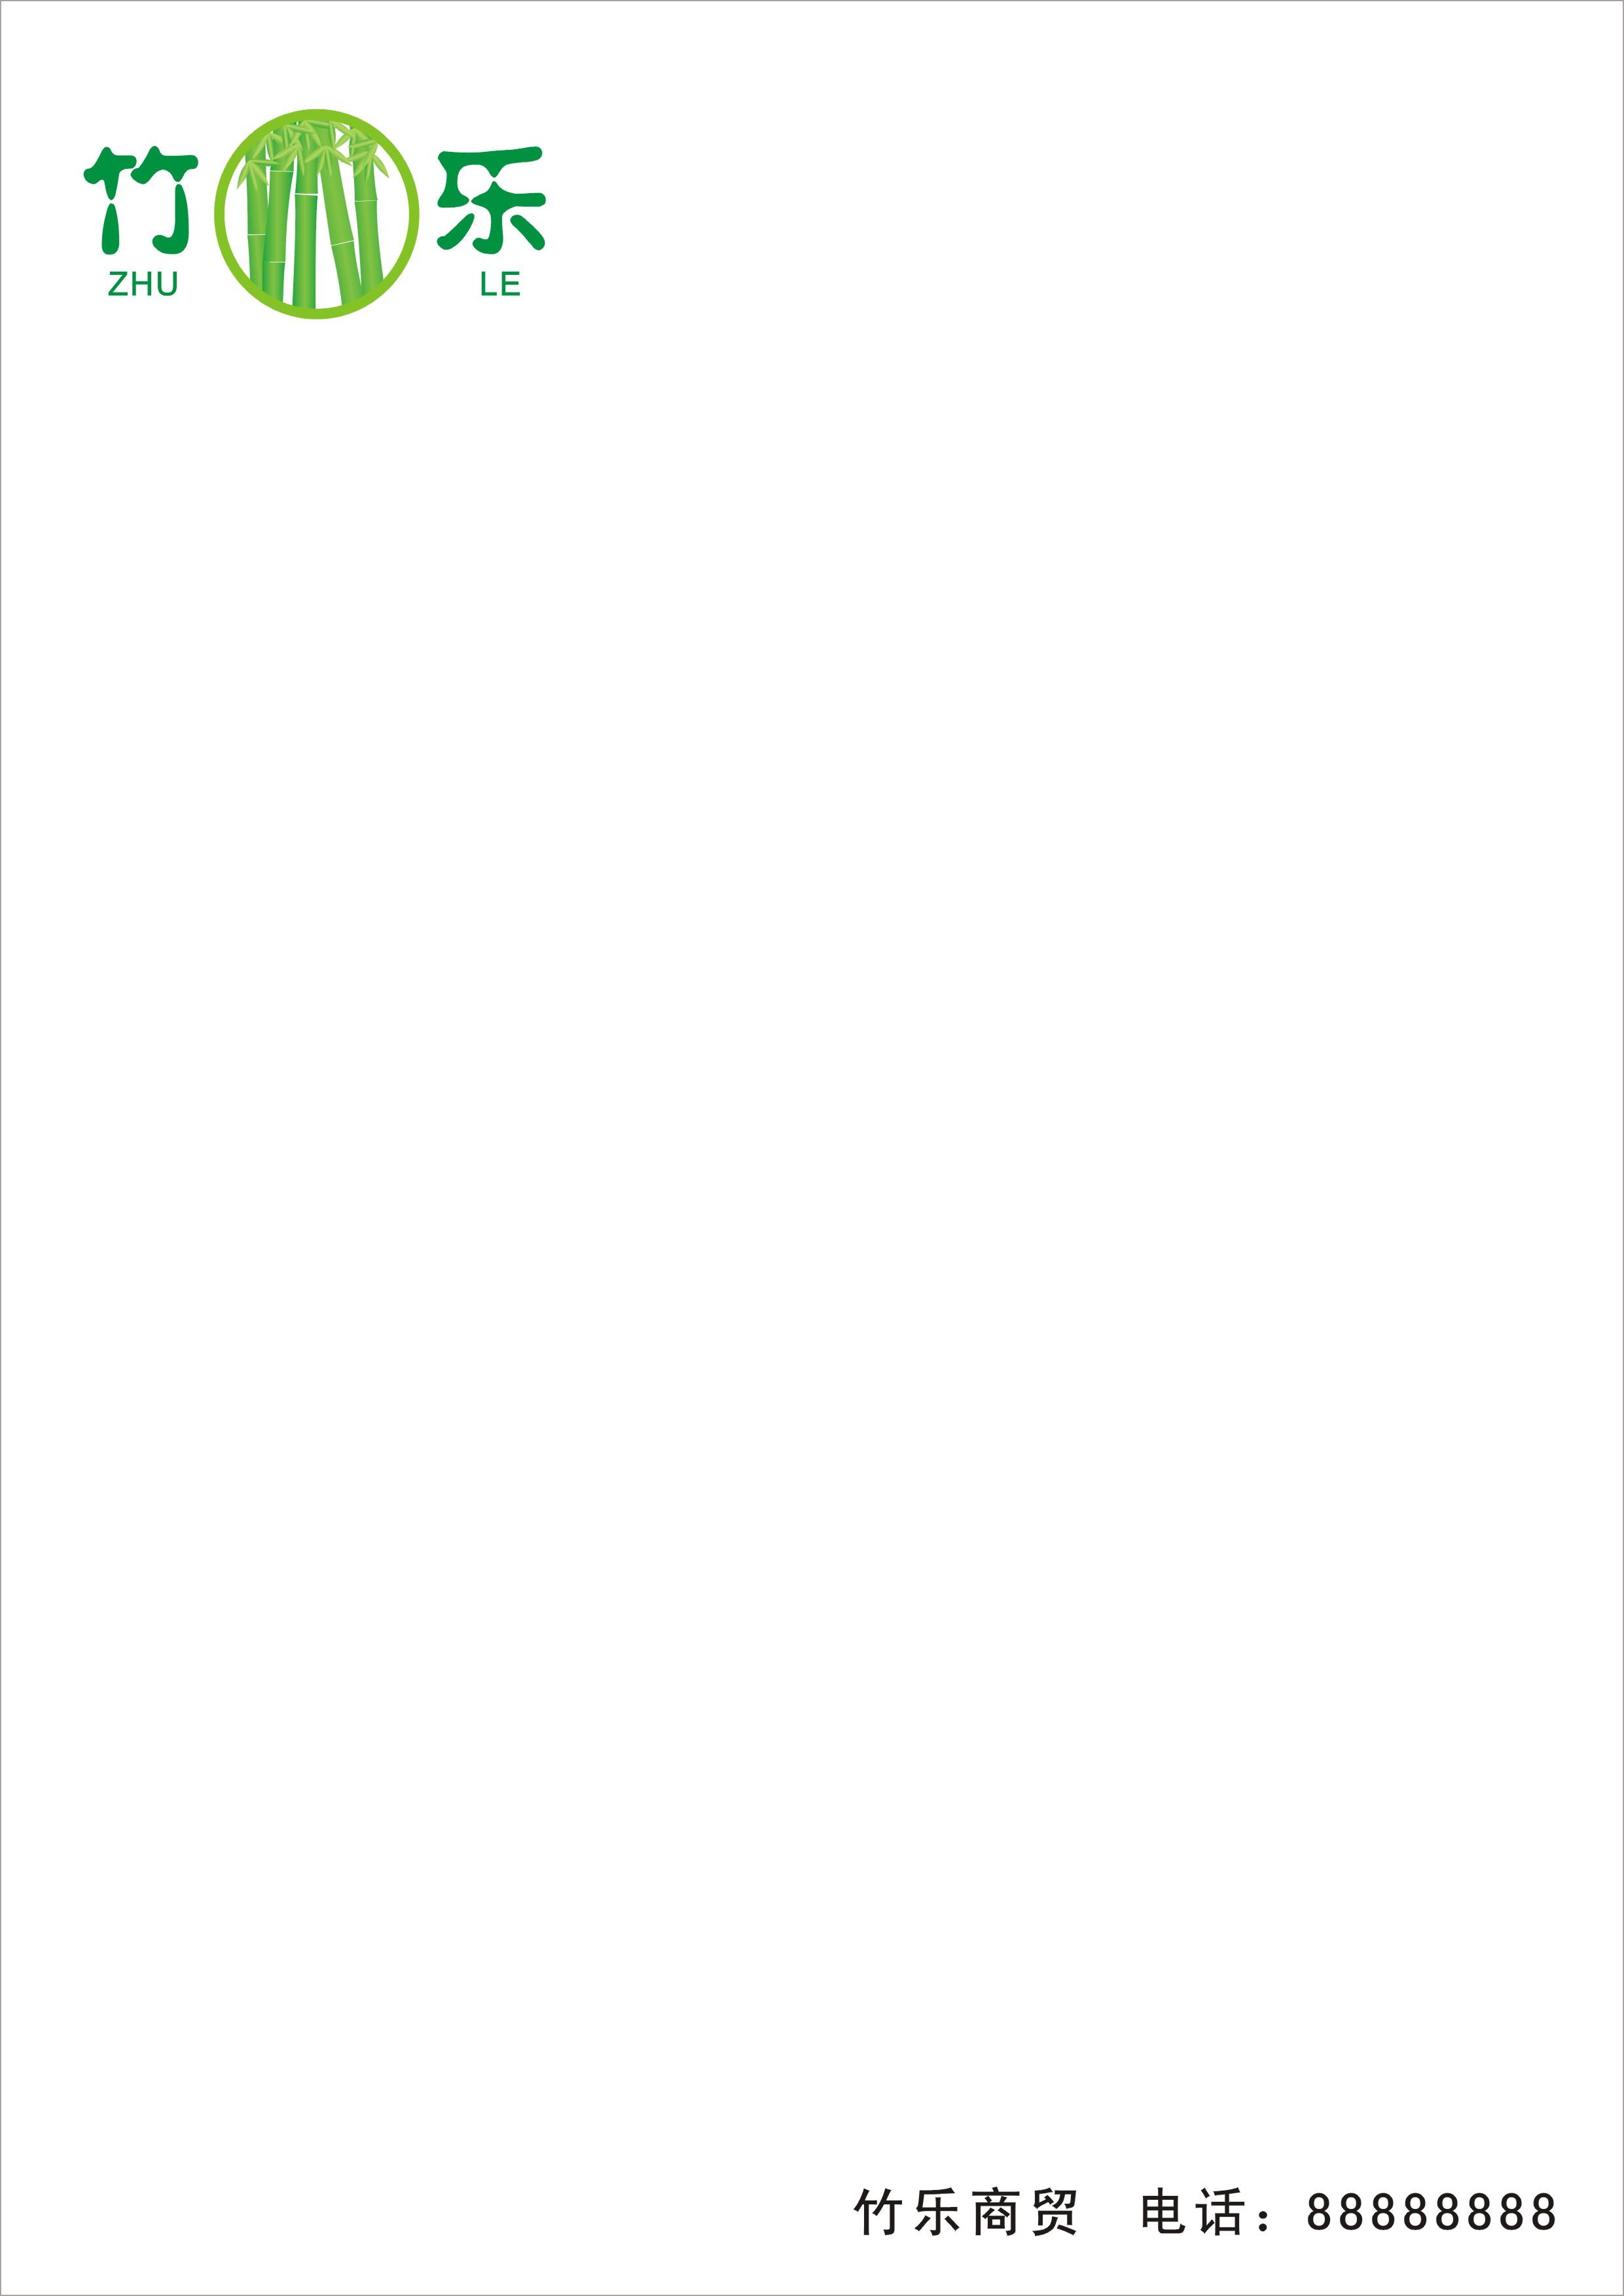 重庆竹乐商贸有限公司: 标志、名片设计和信纸设计 1、公司主营竹子、竹制品贸易。 2、设计建议使用竹子的绿色或者翠绿色为基调 3、图案能使用竹子最好。不能使用也无所谓。  【客户联系方式】 见二楼 【重要说明】